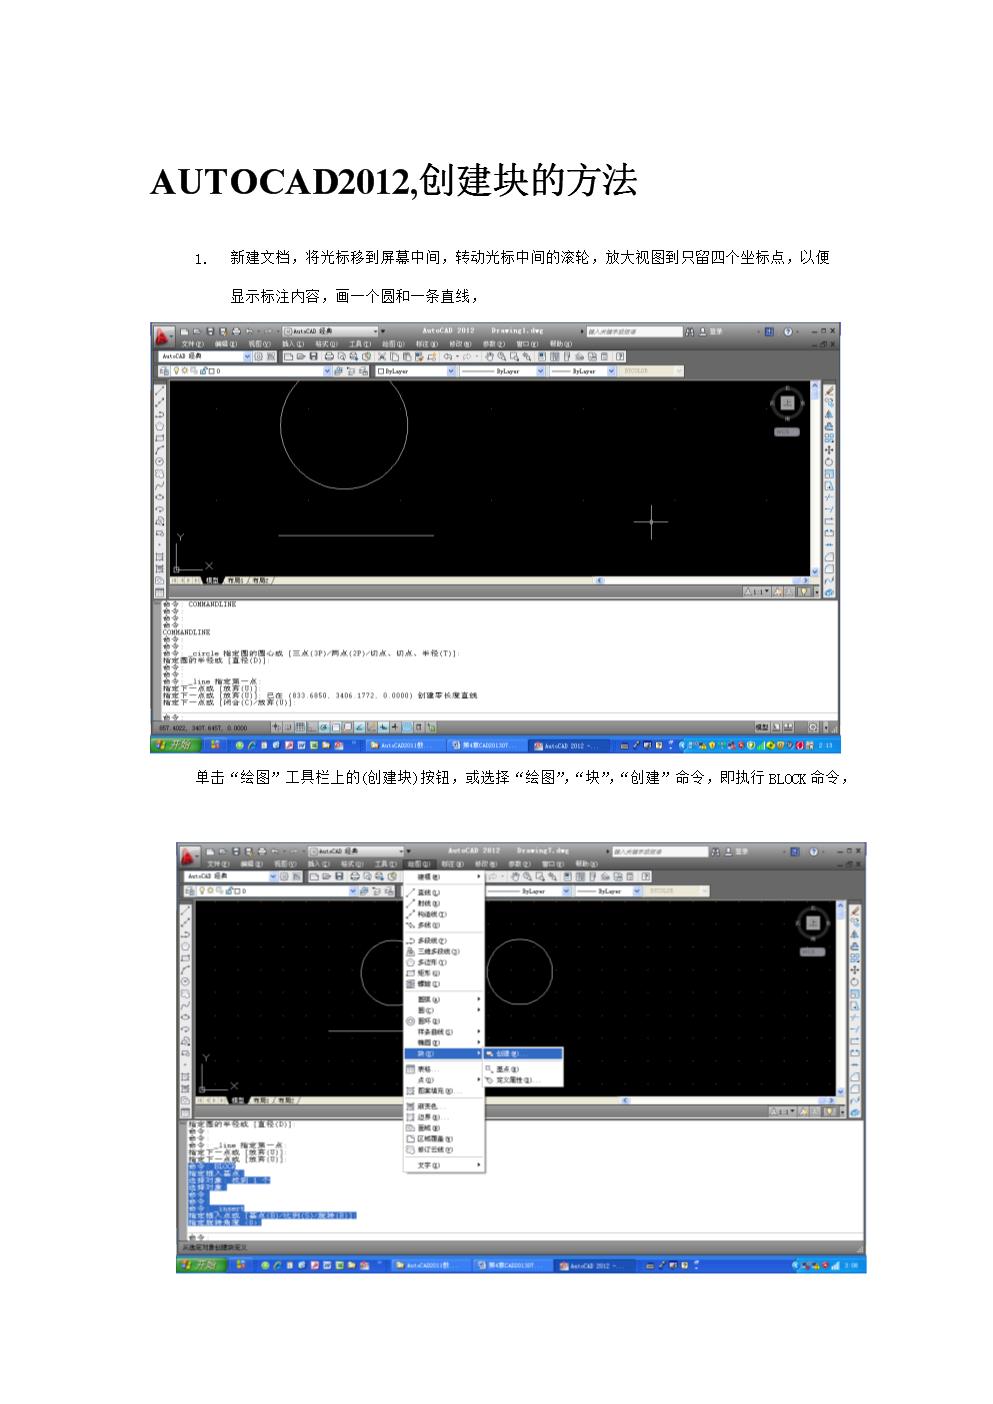 AUTOCAD2012入门块的方法.doccad教学v方法视频创建图片